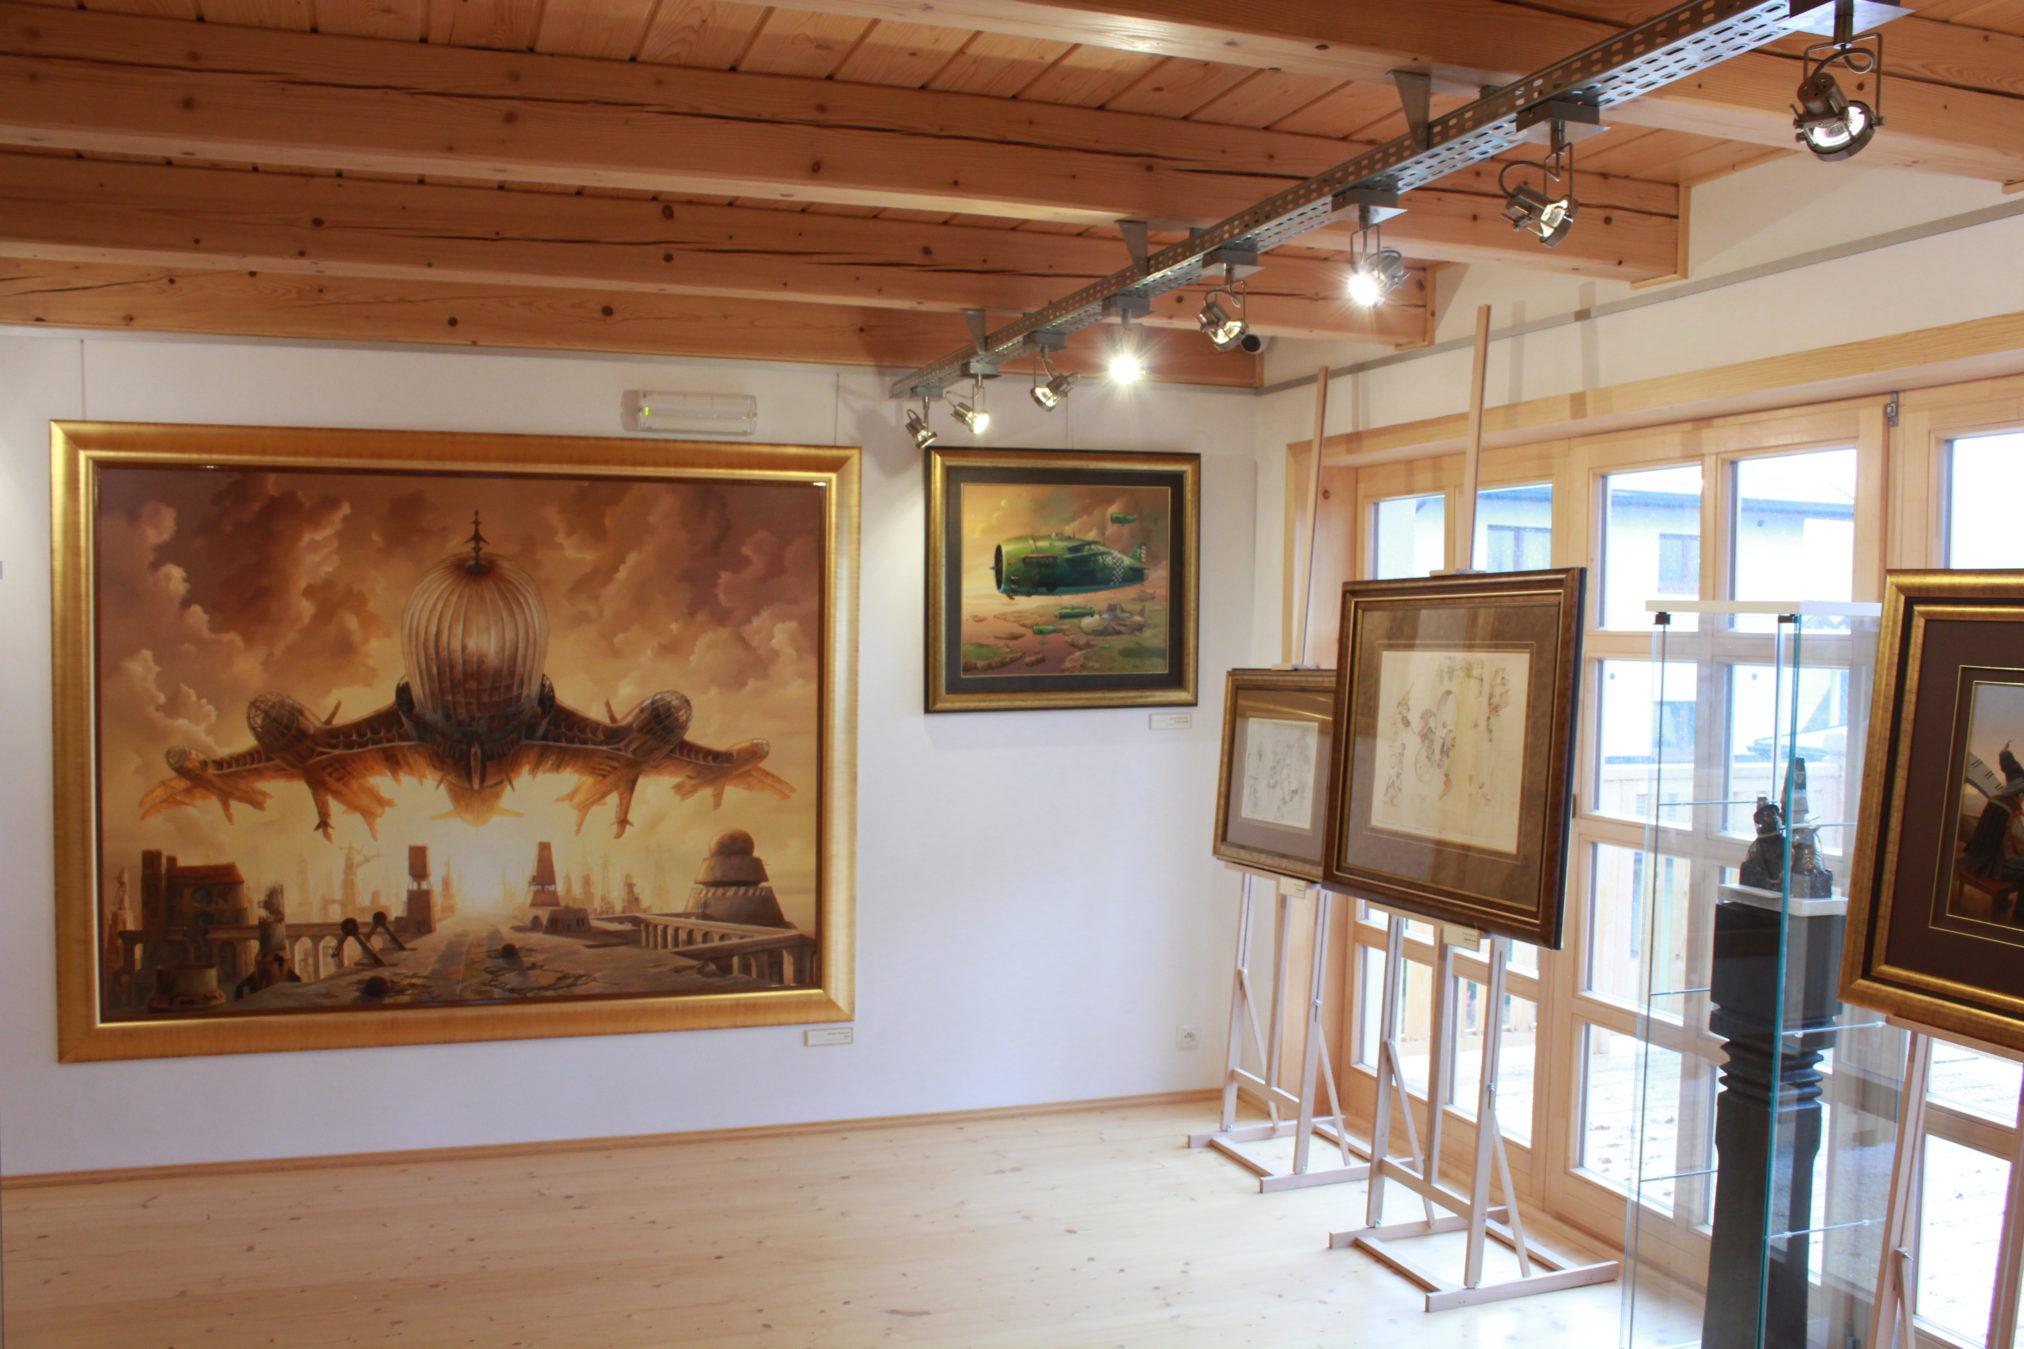 Muzeum Magicznego Realizmu Wisła